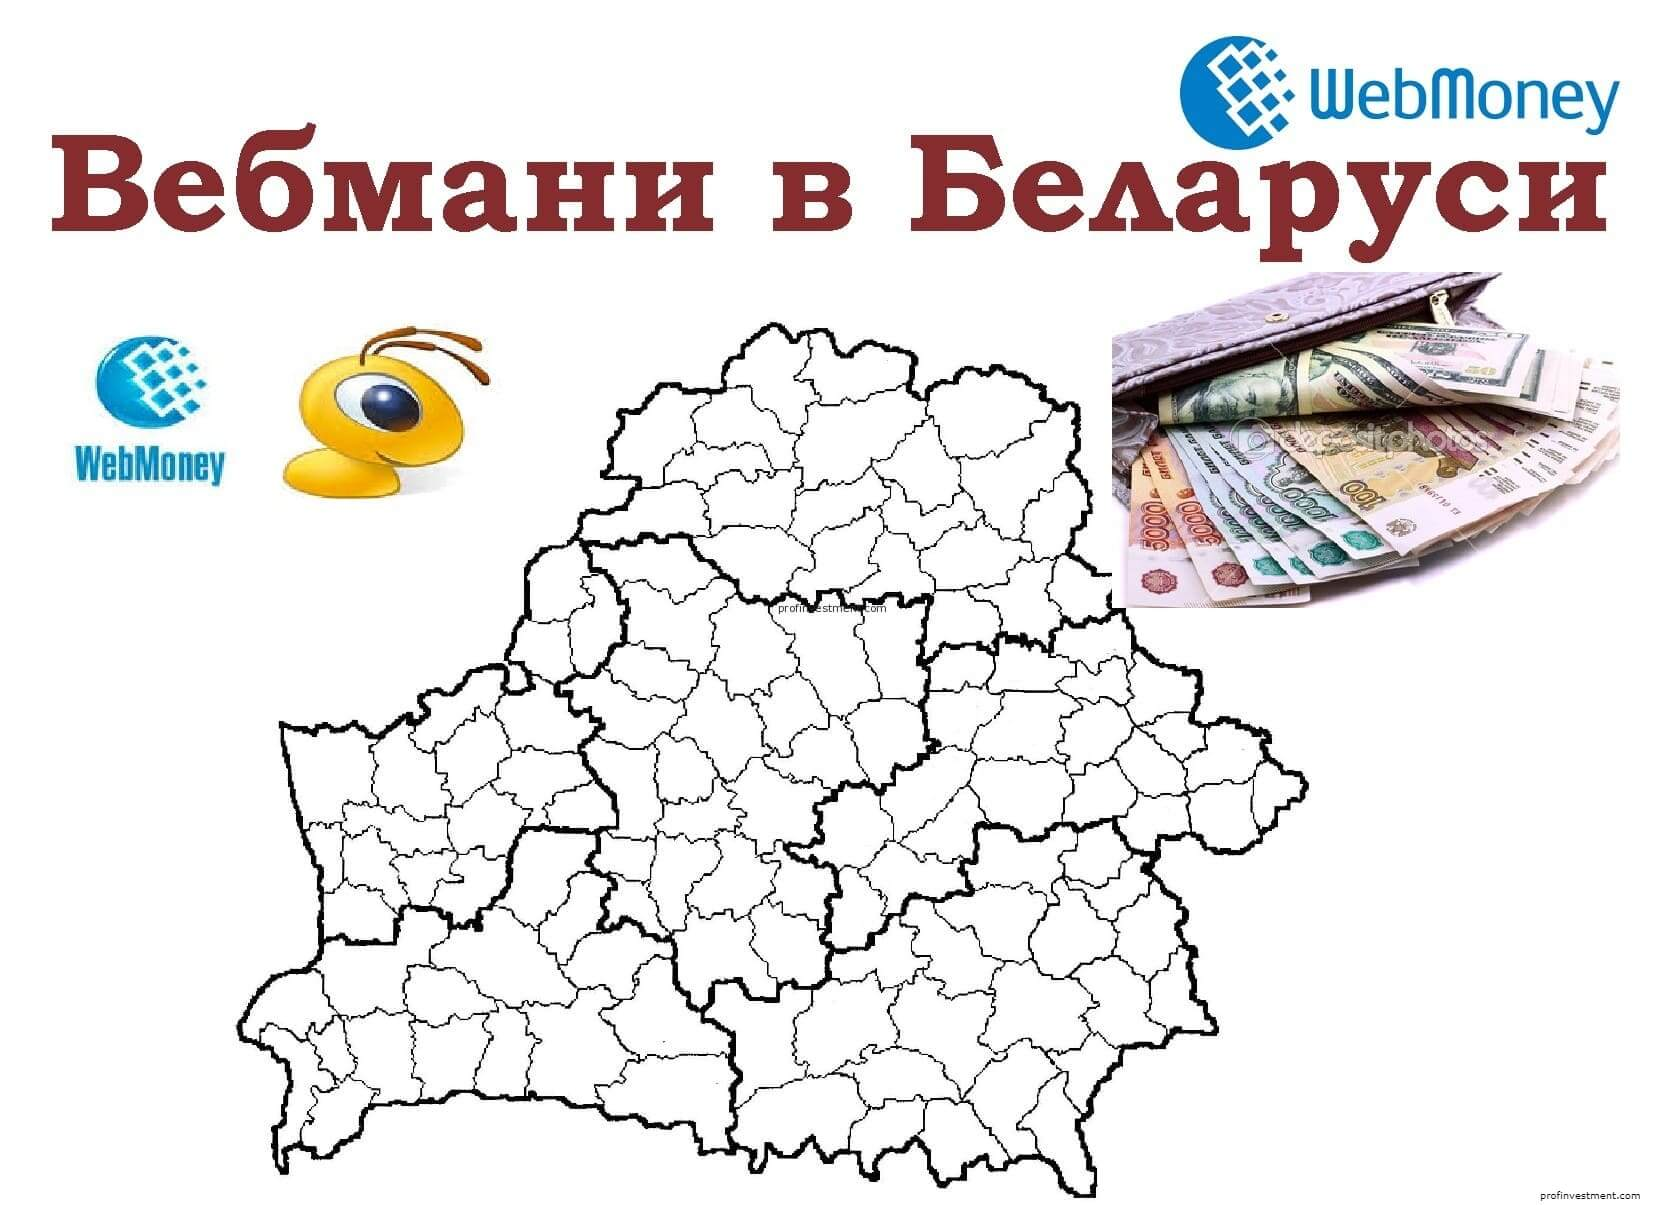 вебмани в Беларуси